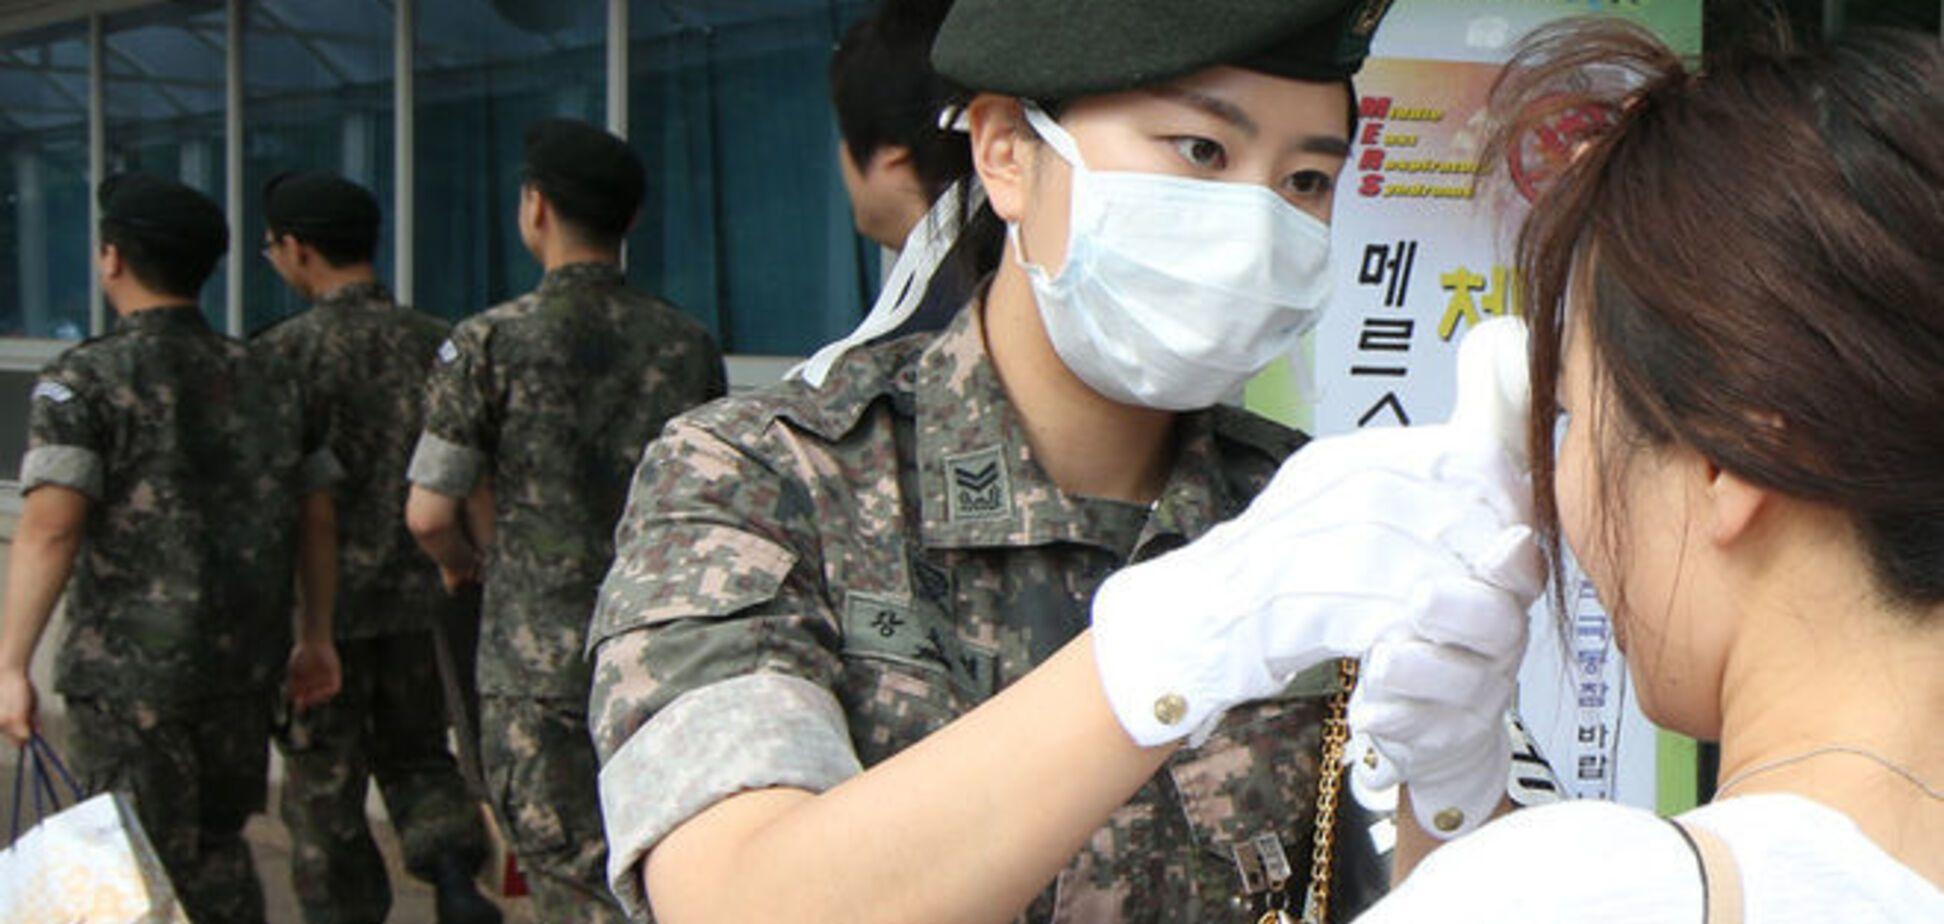 В Южной Корее произошла вспышка вируса MERS. Есть жертвы, тысячи людей на карантине